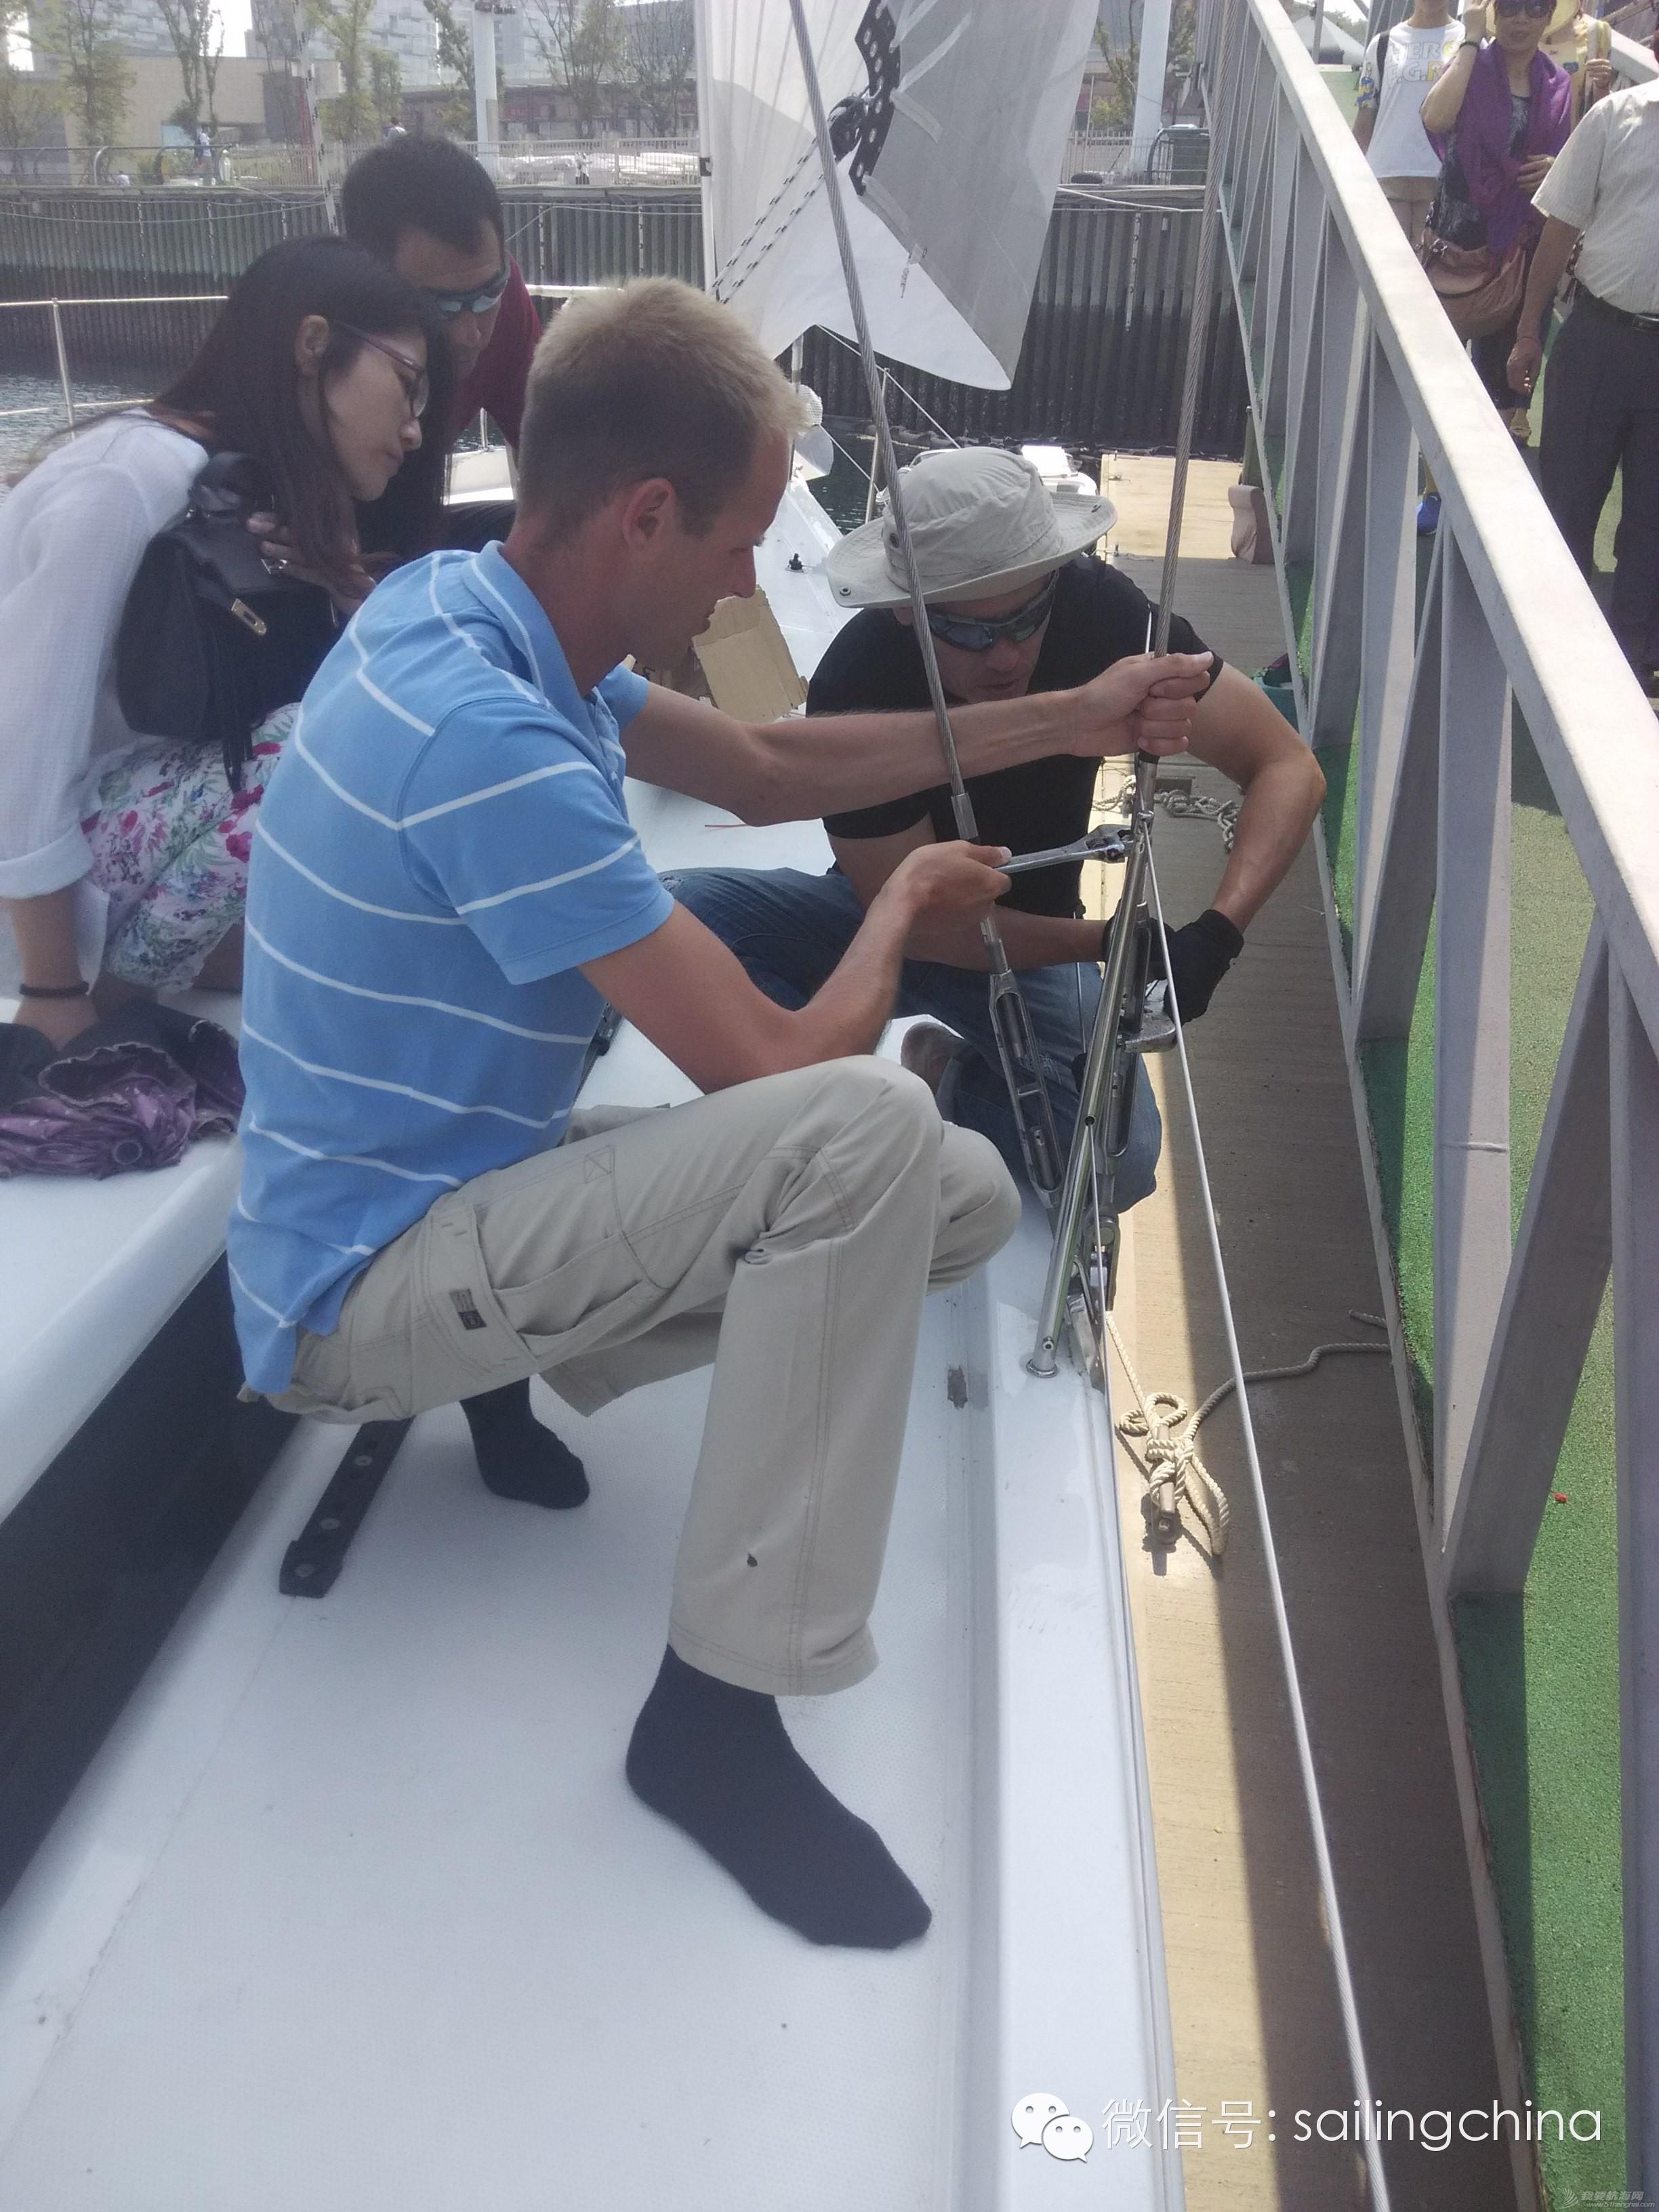 """汉斯H575""""HOPE 号""""帆船接受汉斯工厂德国工程师的检验 e0ea802285b91daad2d80c3e886c1ce3.jpg"""